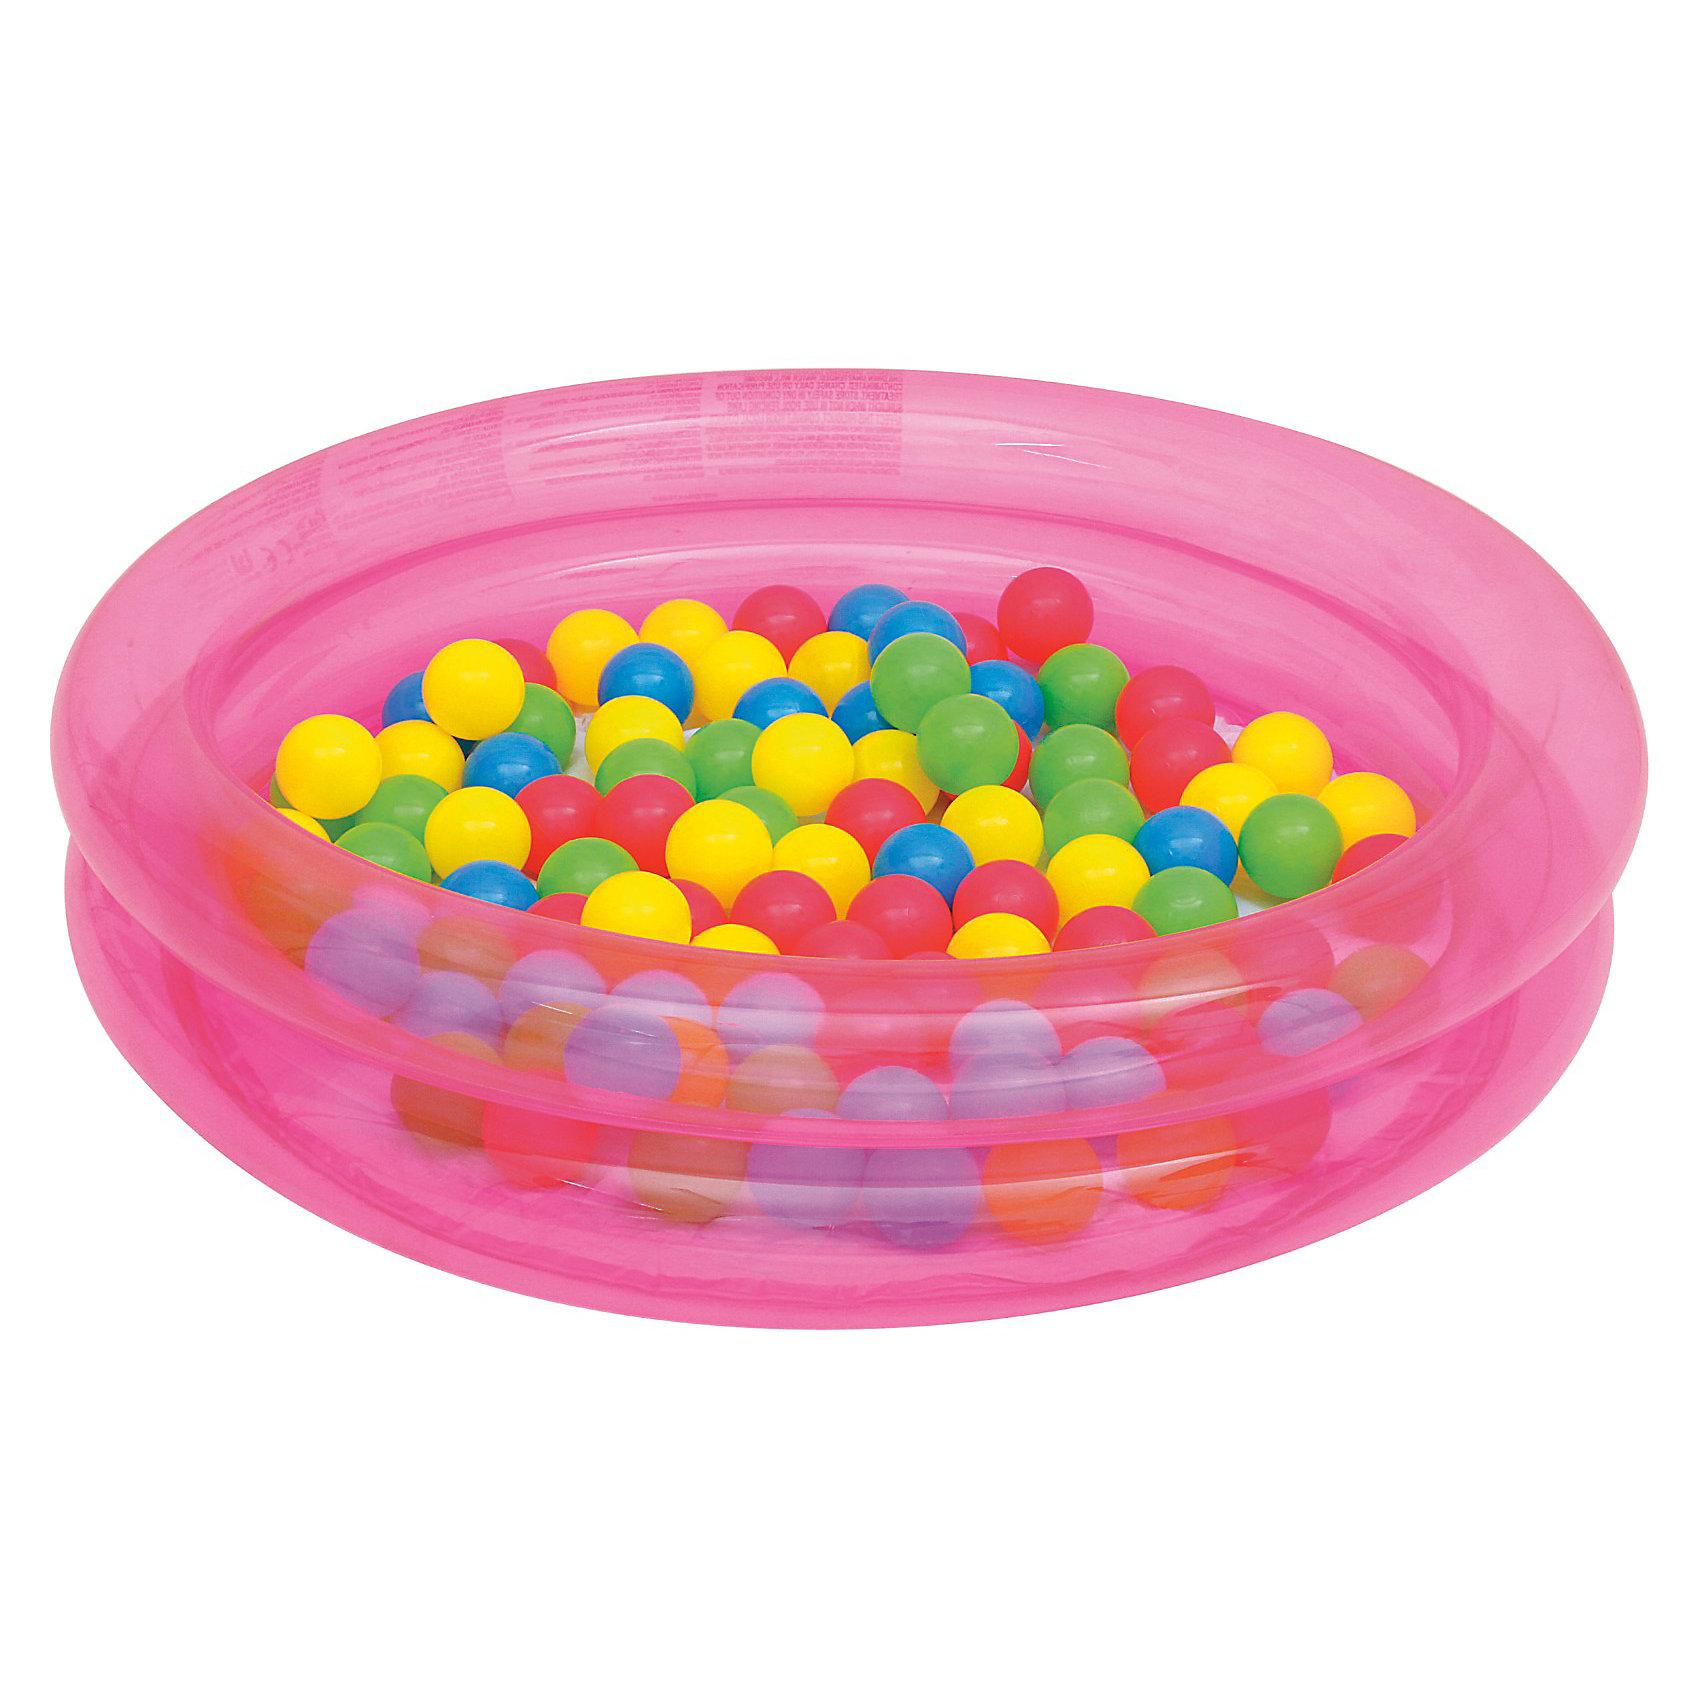 Детский надувной бассейн с 50 шариками для игры, Bestway от myToys